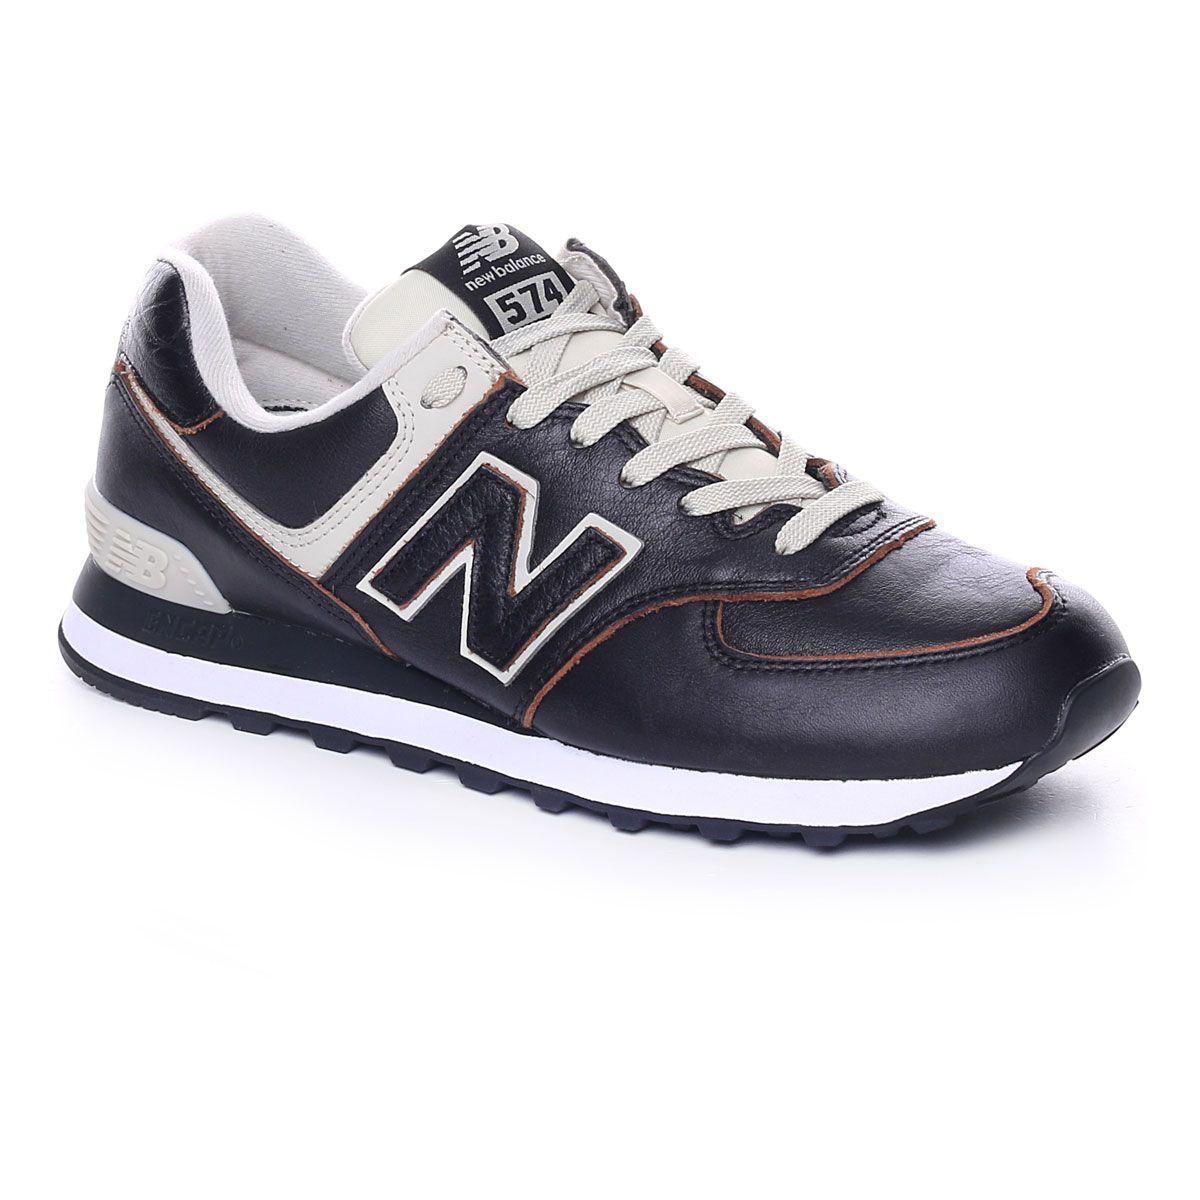 New Balance 574 Luxury Leather Uomo Nero